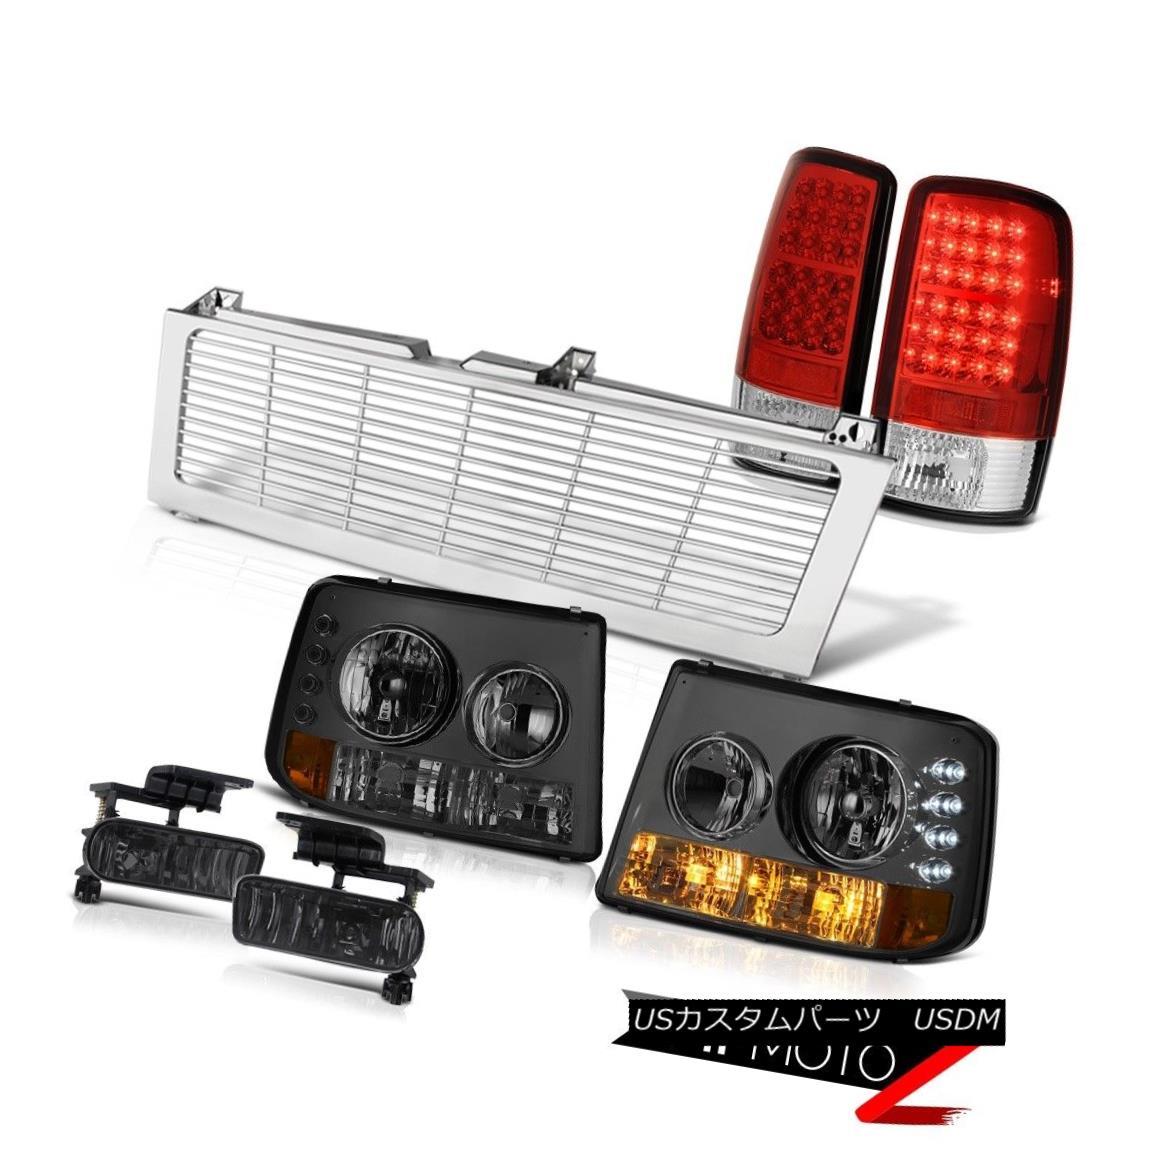 テールライト Smoke Bumper+Headlamp LED Taillight Fog Chrome Grille 00 01 02 03 04 05 Suburban スモークバンパー+ヘッドラム p LEDテイルライトフォグクロームグリル00 01 02 03 04 05郊外